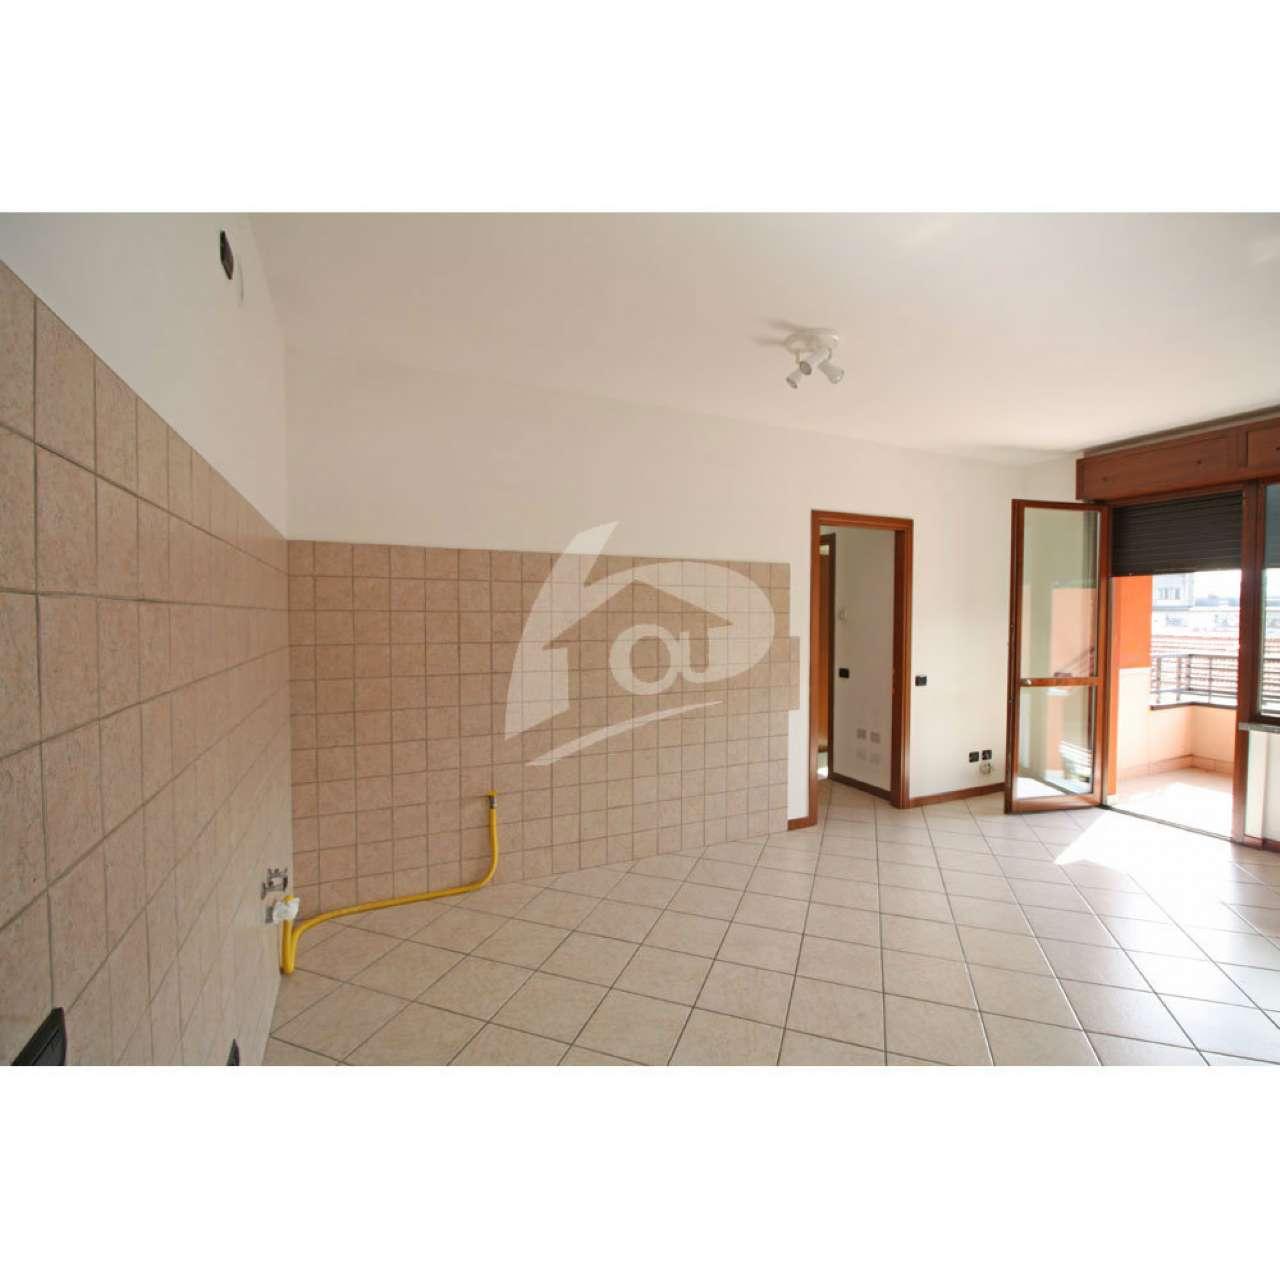 Appartamento in affitto a Laveno-Mombello, 2 locali, prezzo € 500 | CambioCasa.it